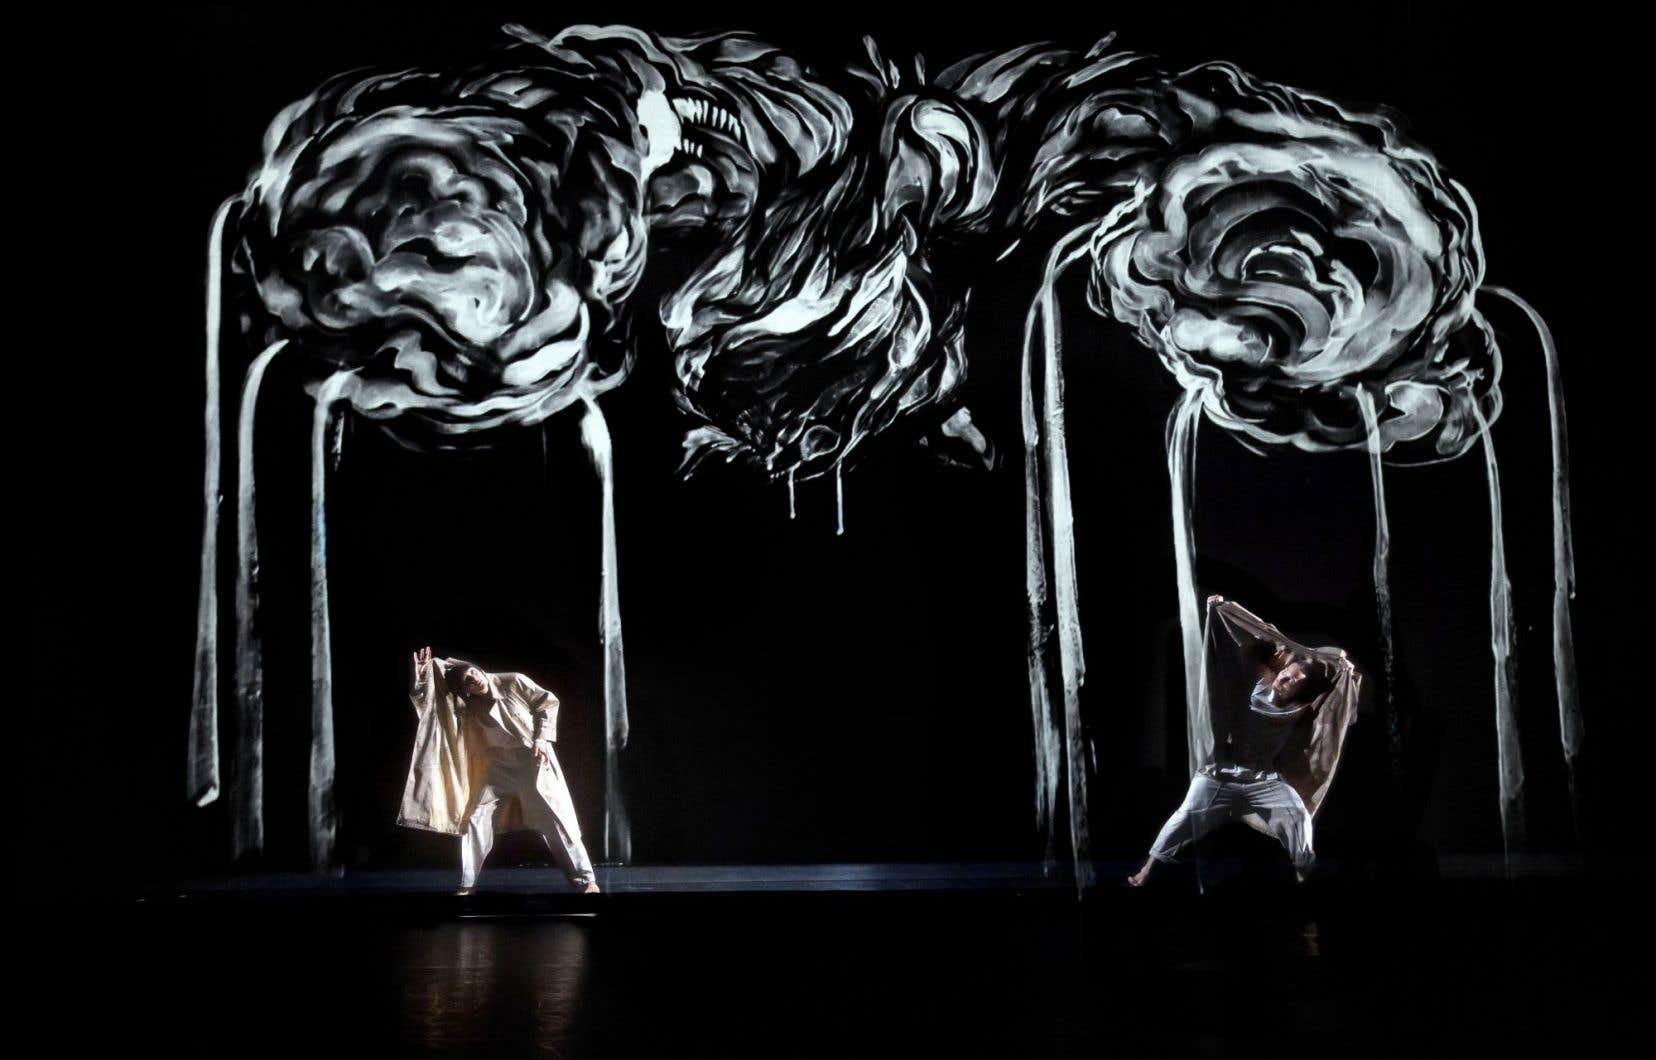 Les têtes pensantes de Tentacle Tribe ont invité le peintre Gene Pendon, dont les traits projetés envahissent l'espace comme la danse.